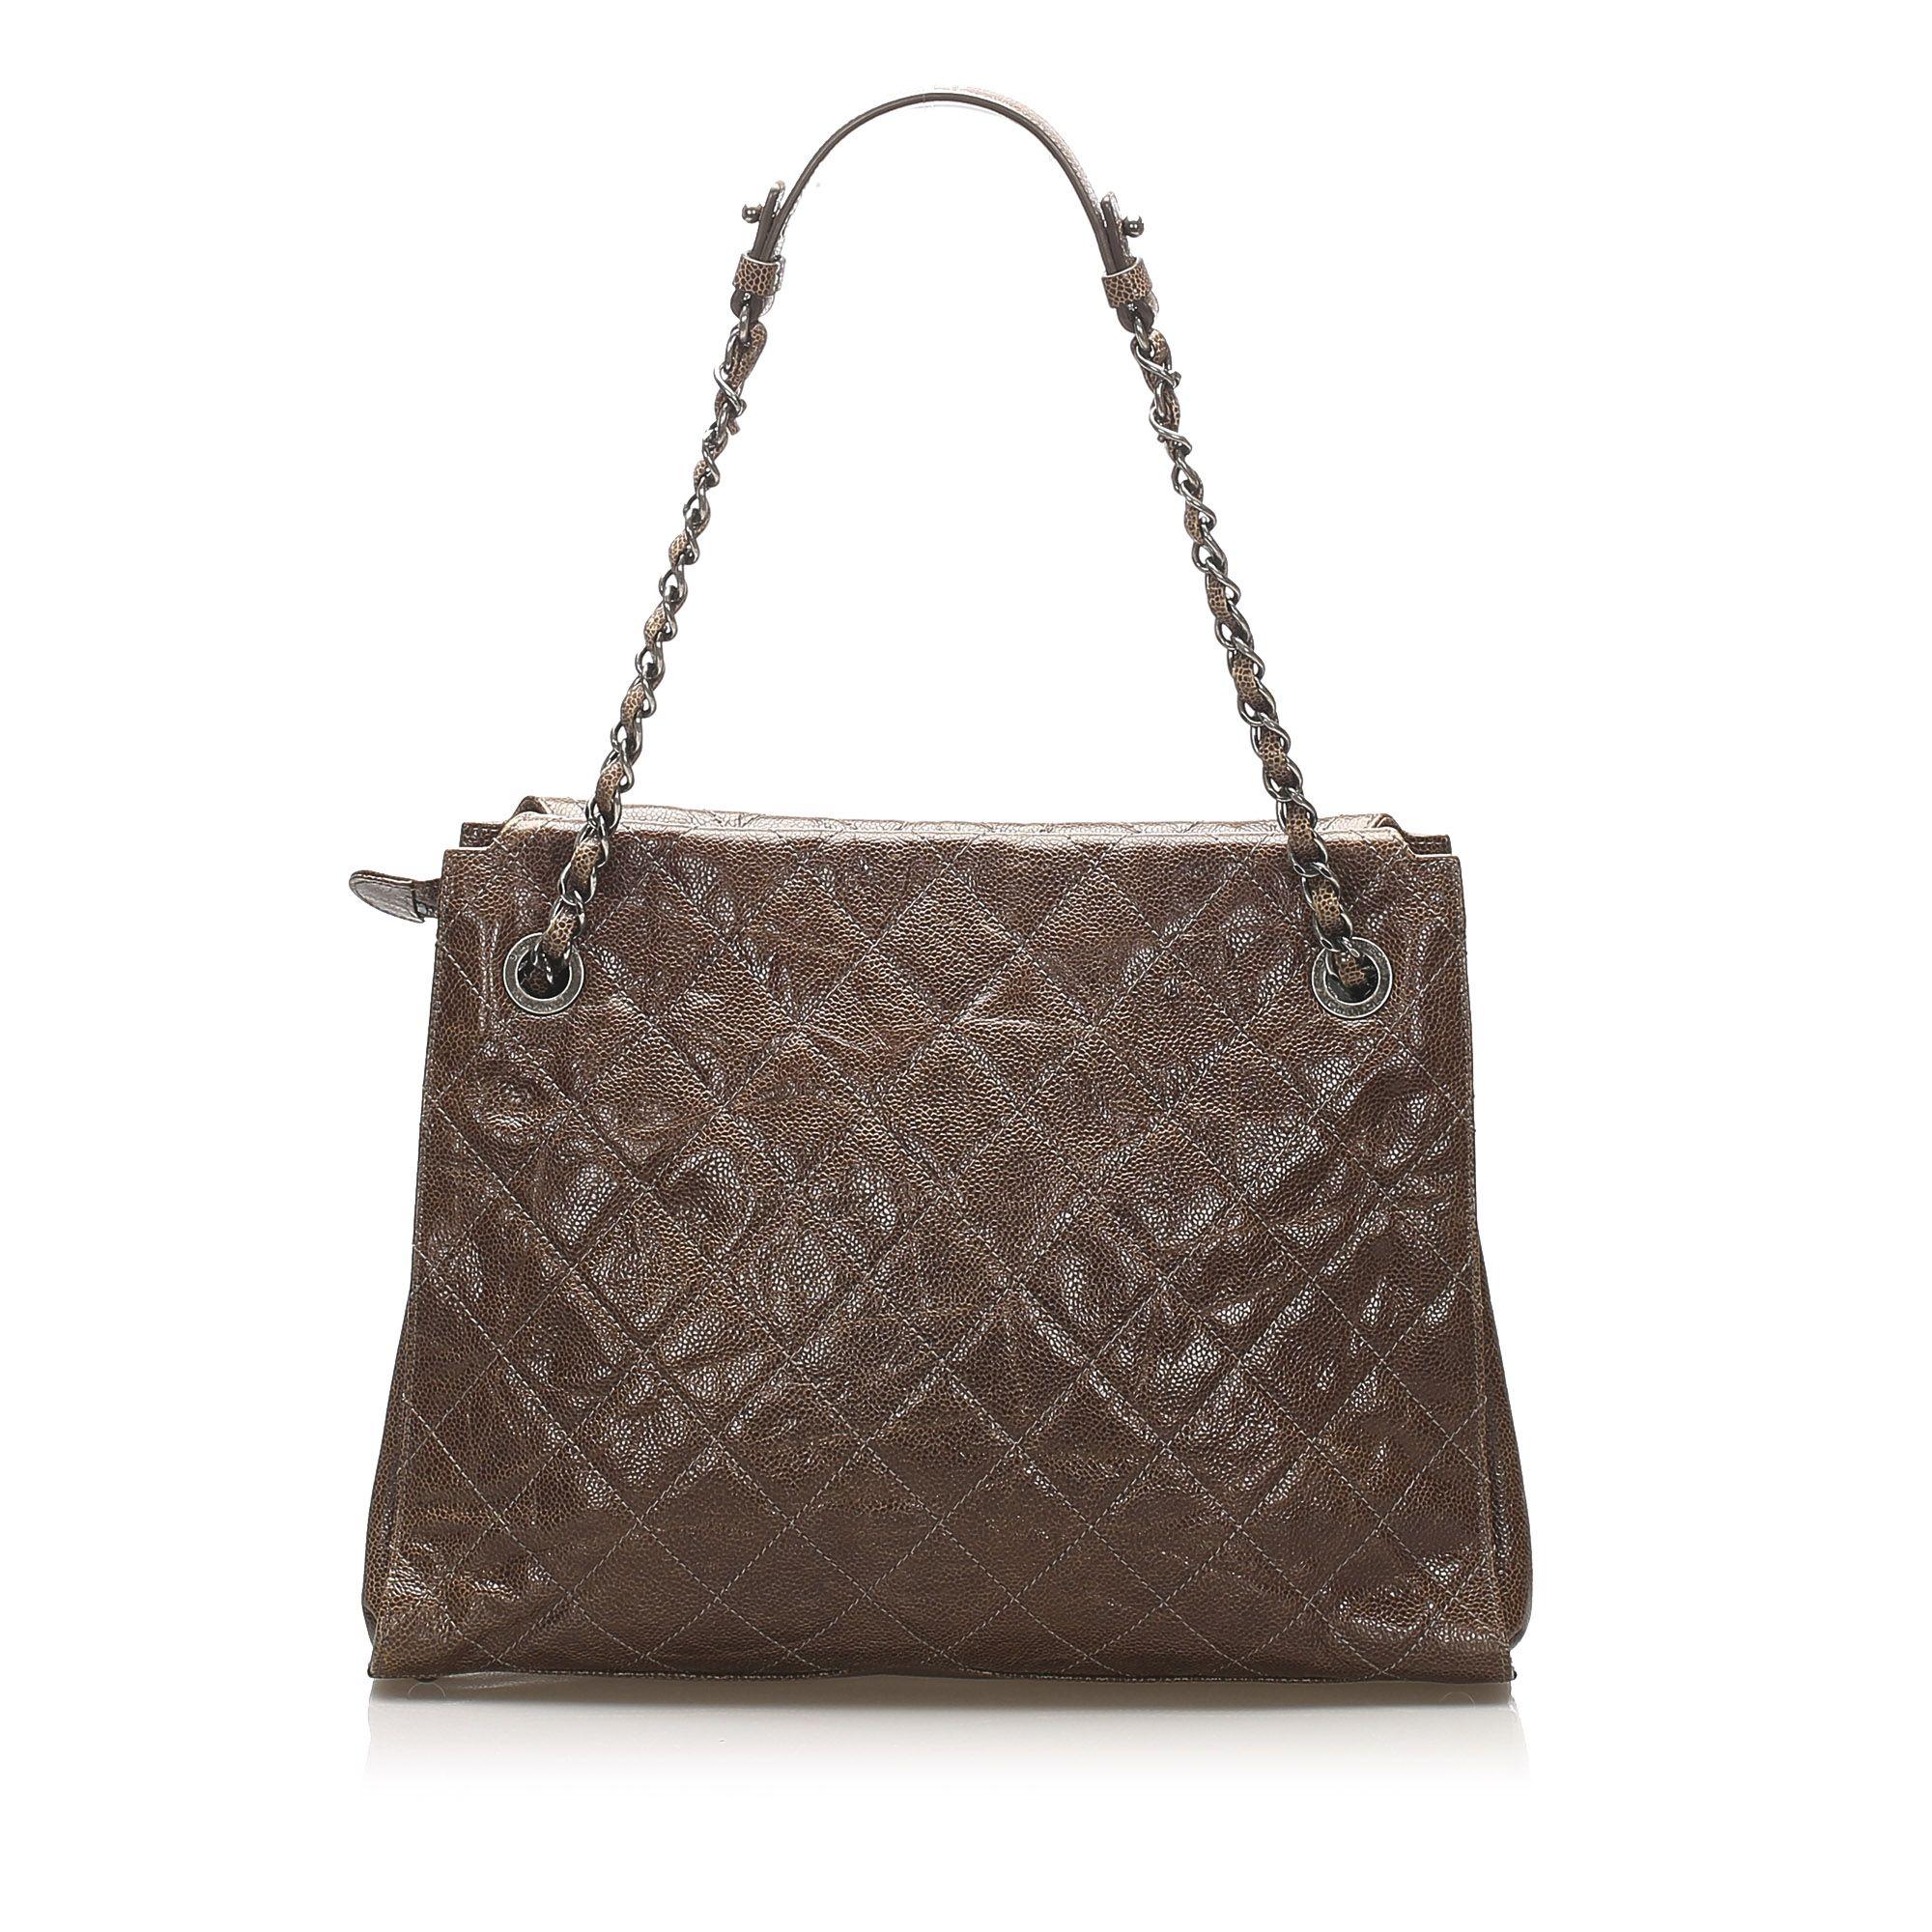 Vintage Chanel CC Timeless Shoulder Bag Brown